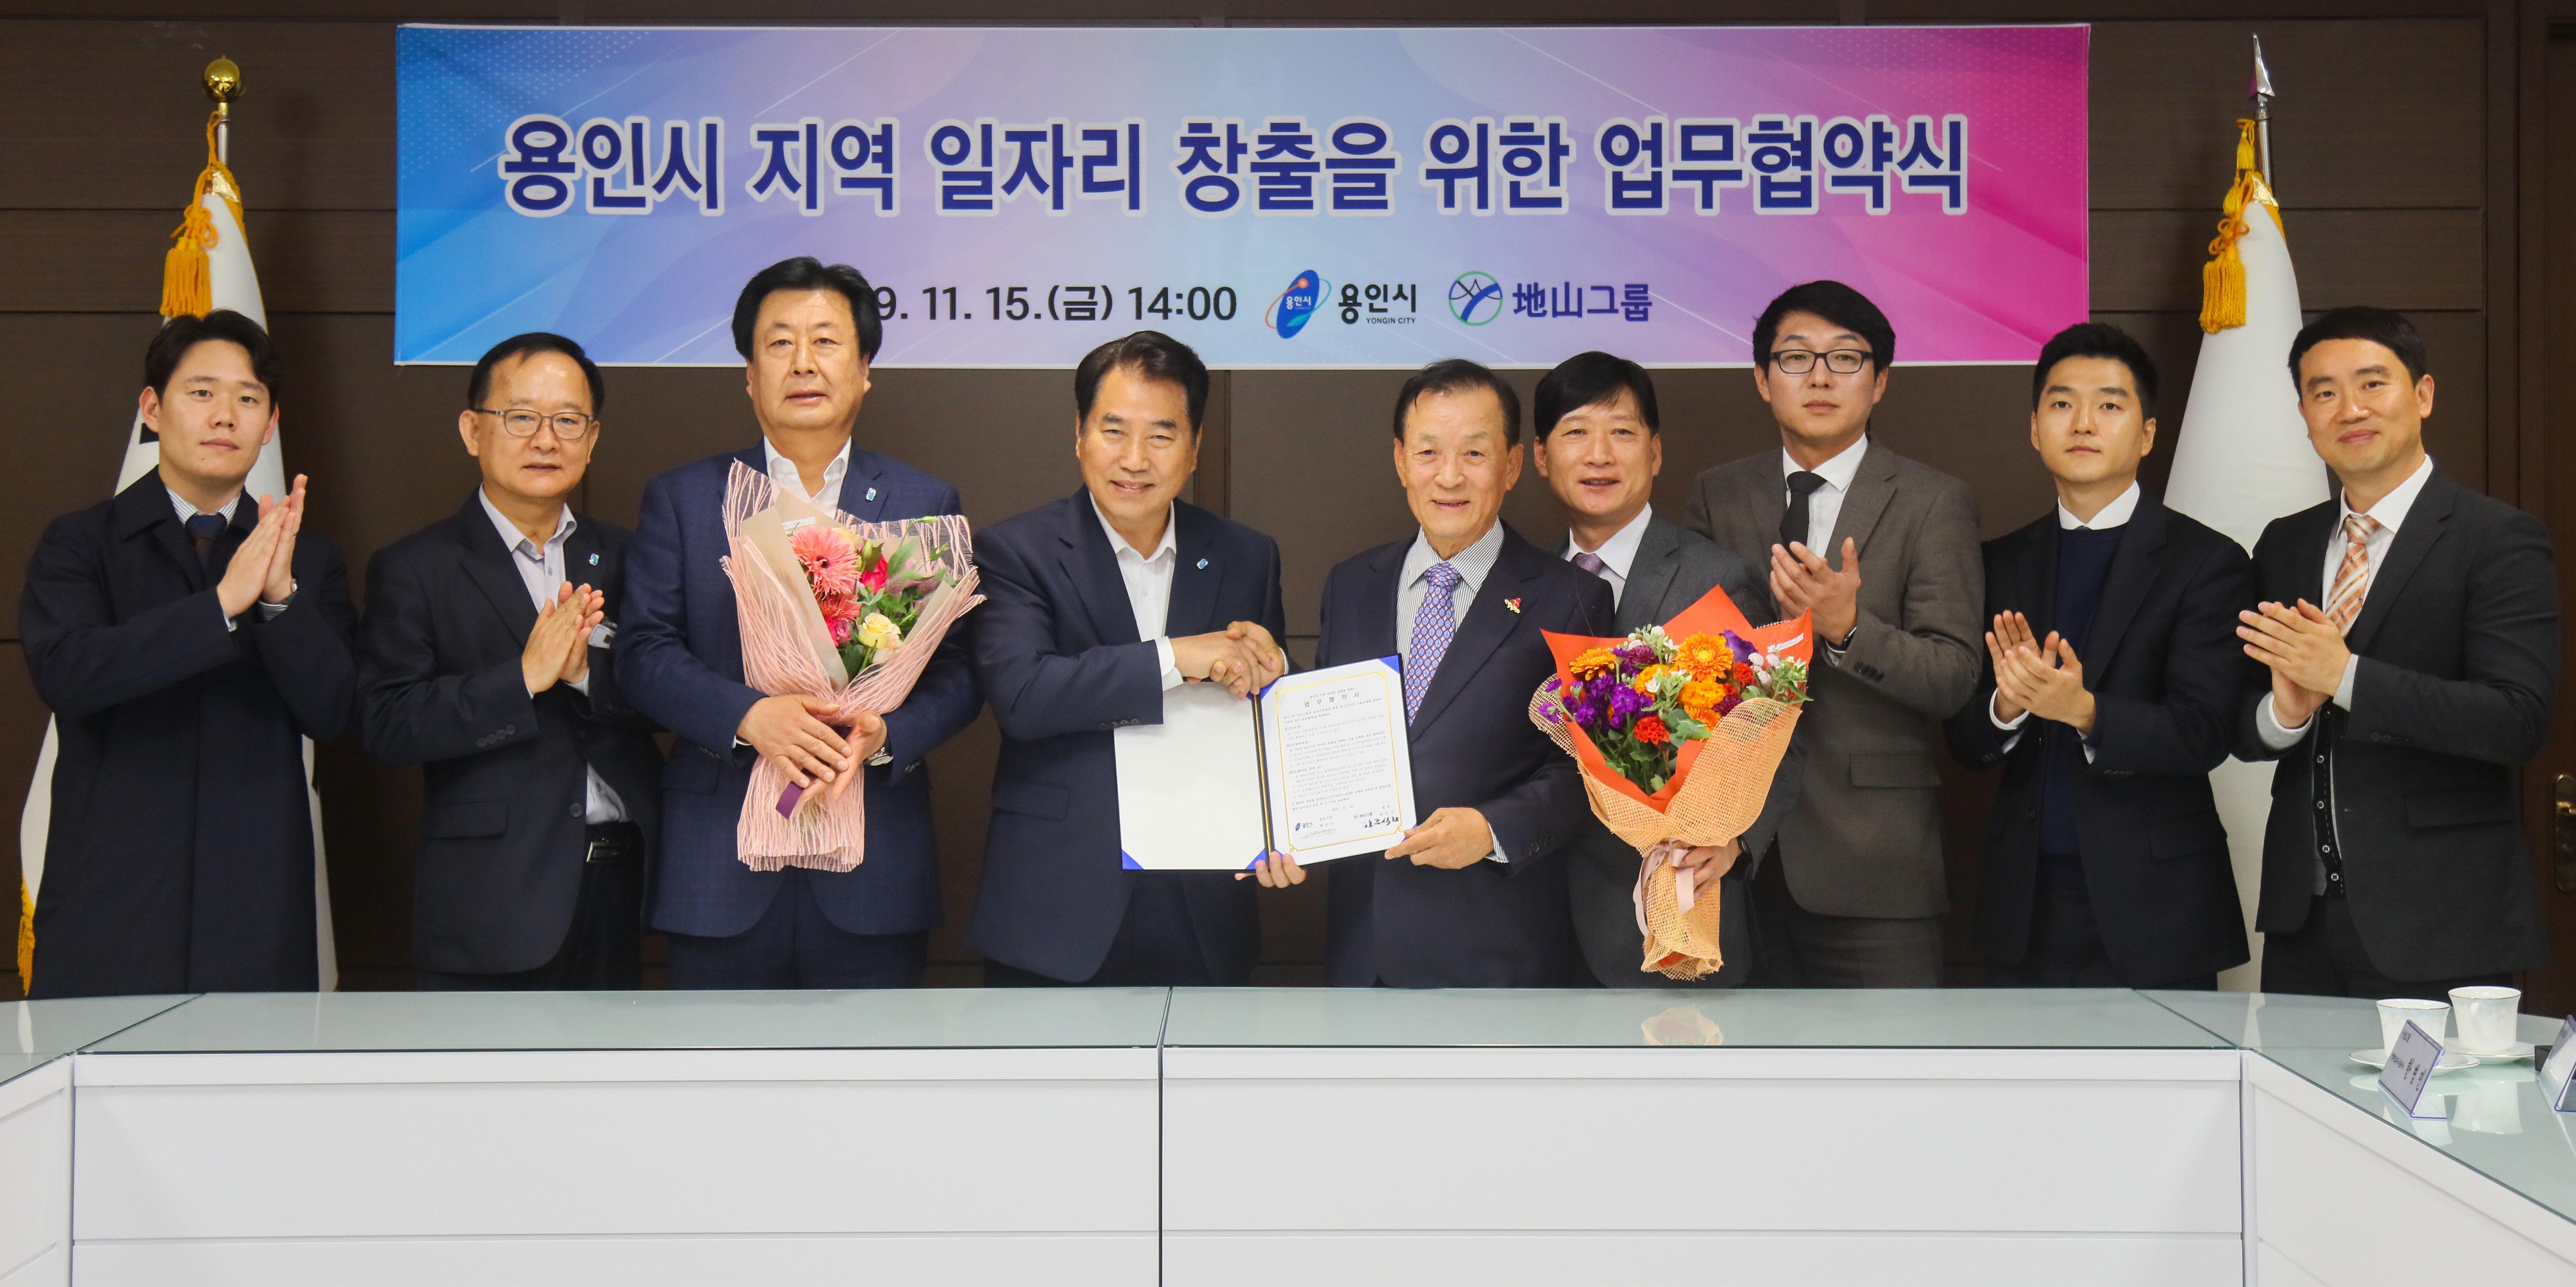 지산그룹-용인시, 지역 일자리 창출 MOU 체결